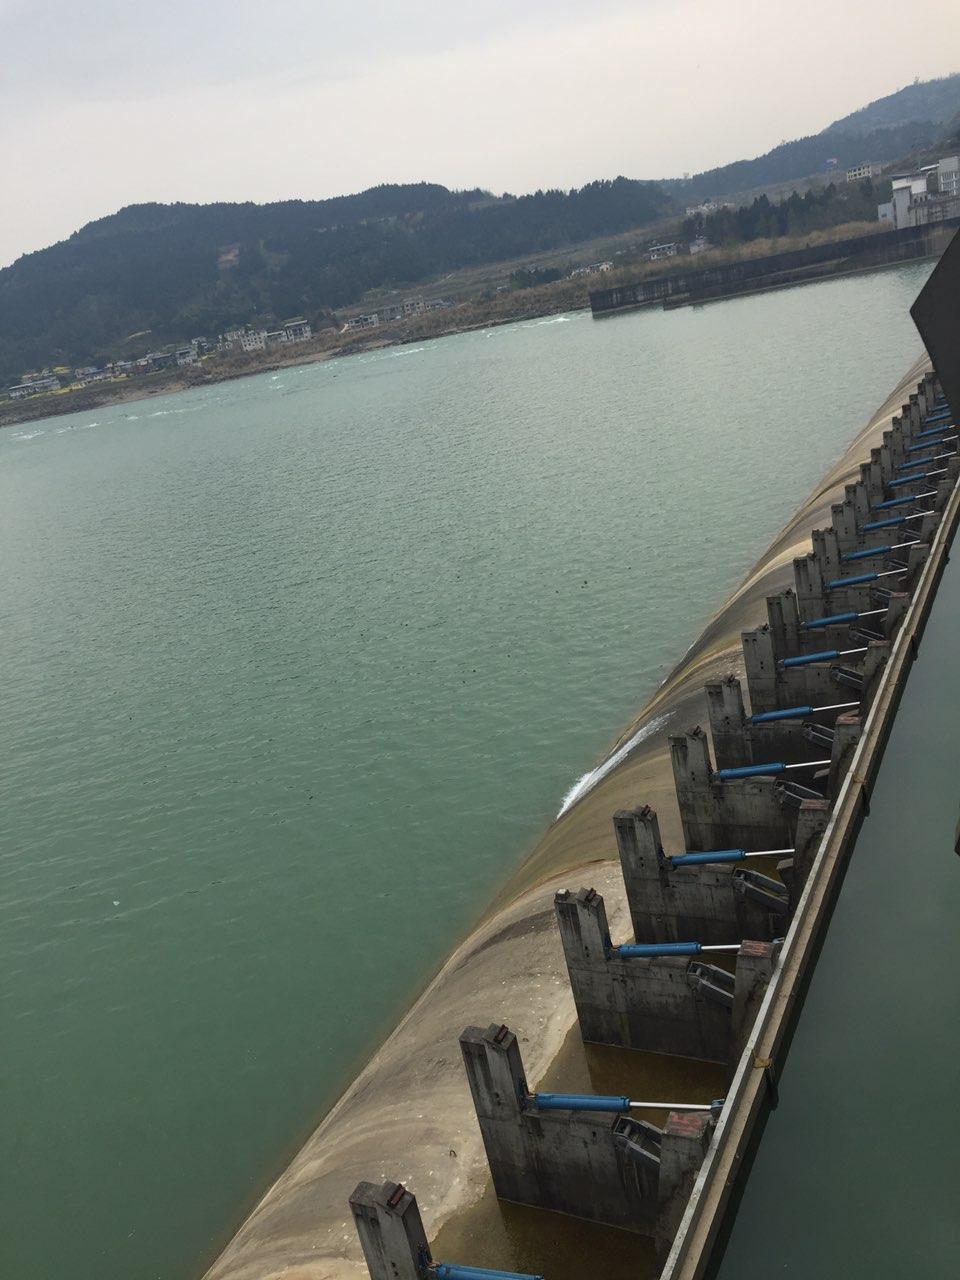 今天去河边玩看到沙溪杭电站有人在江边烧烤